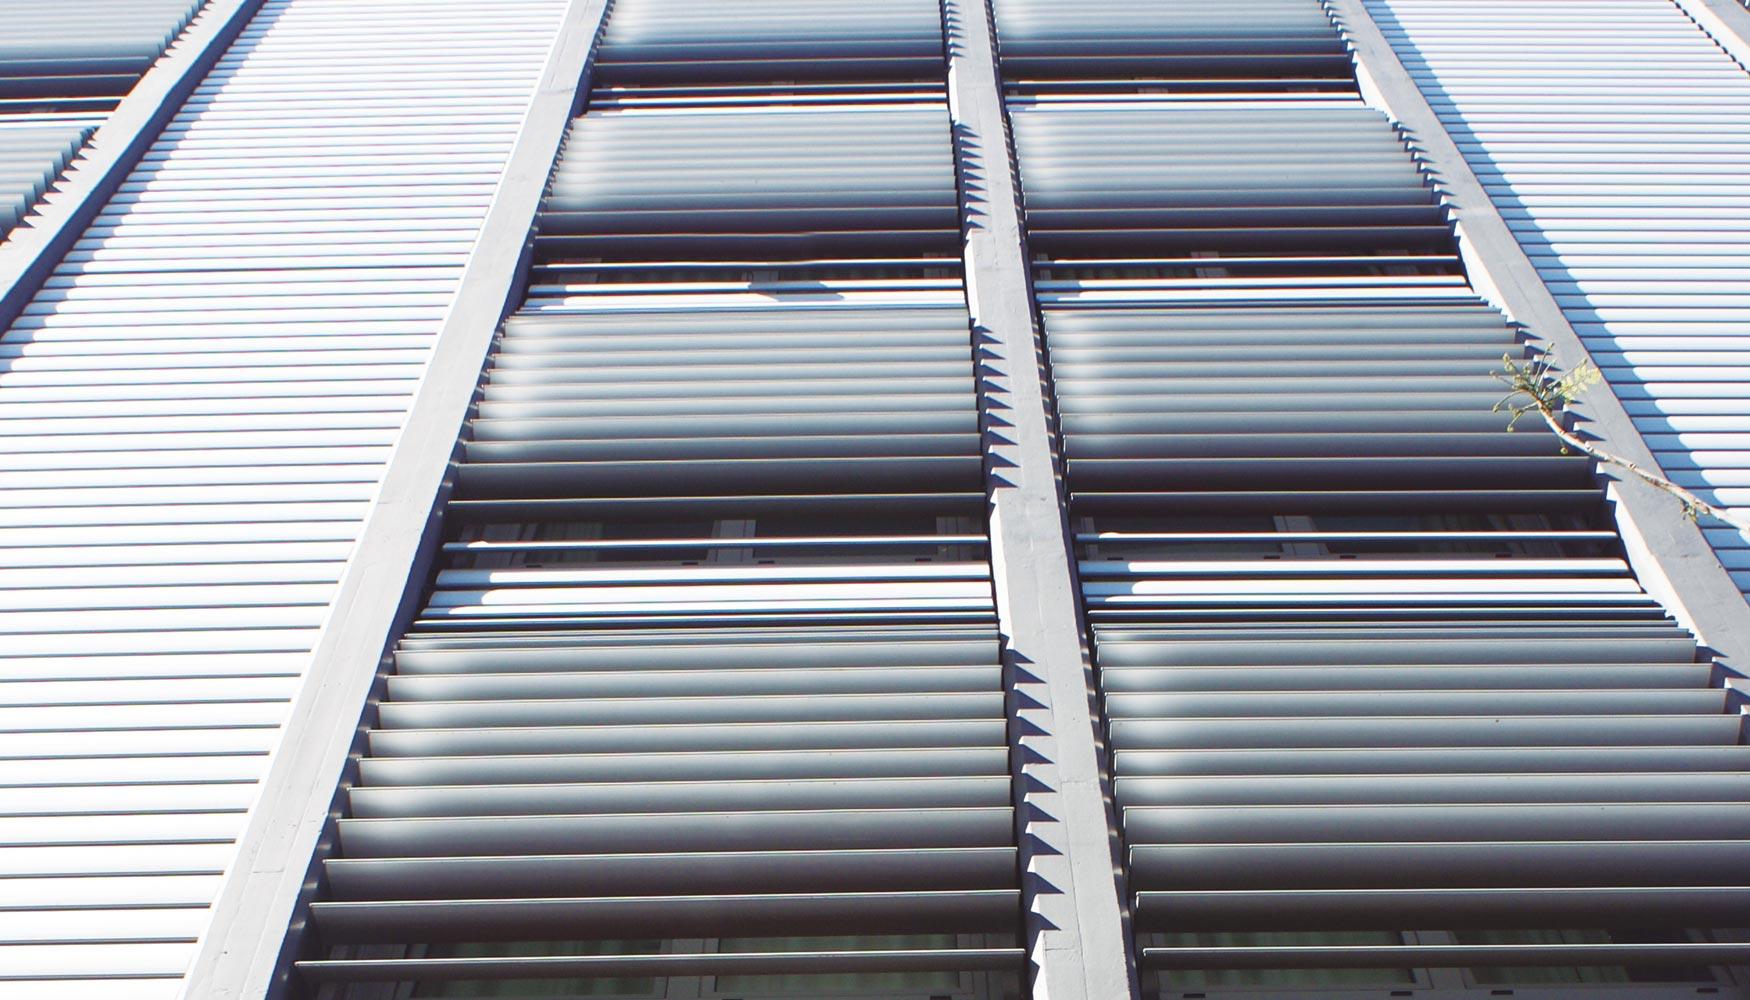 Sistemas de mallorquina de exlabesa cerramientos y ventanas for Ventanales mallorquinas